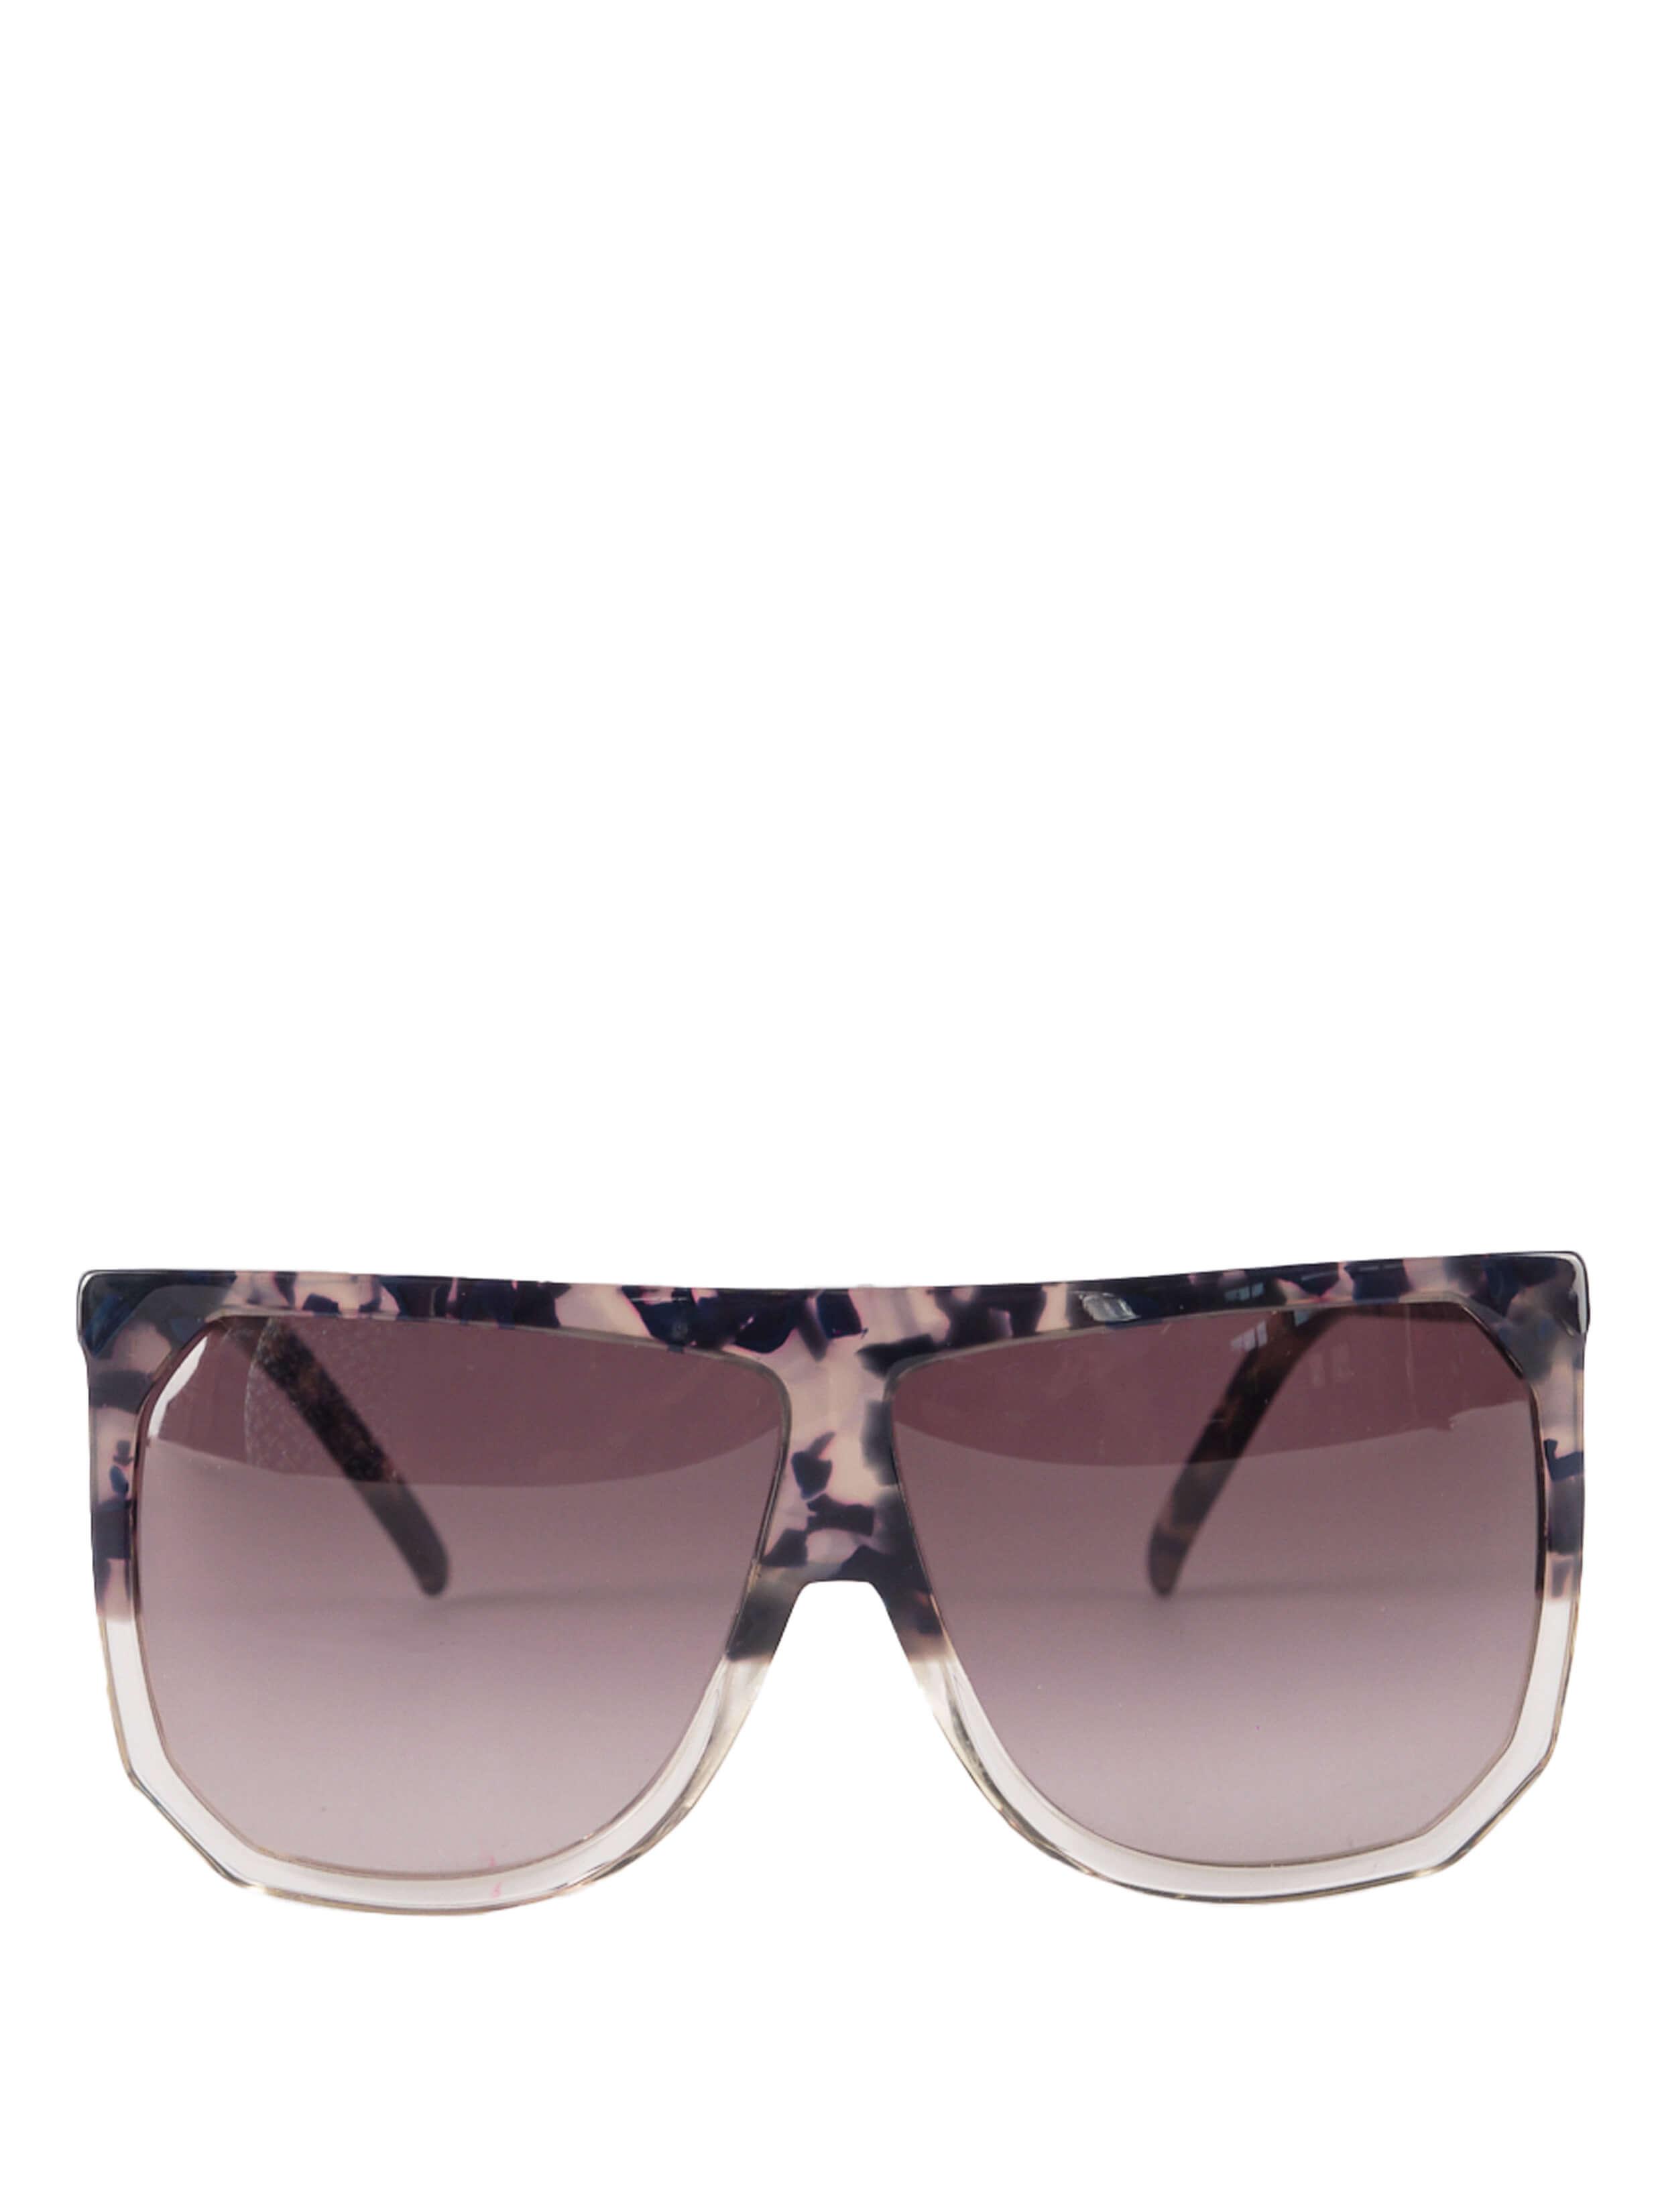 Women Loewe Structured Sunglasses - Black